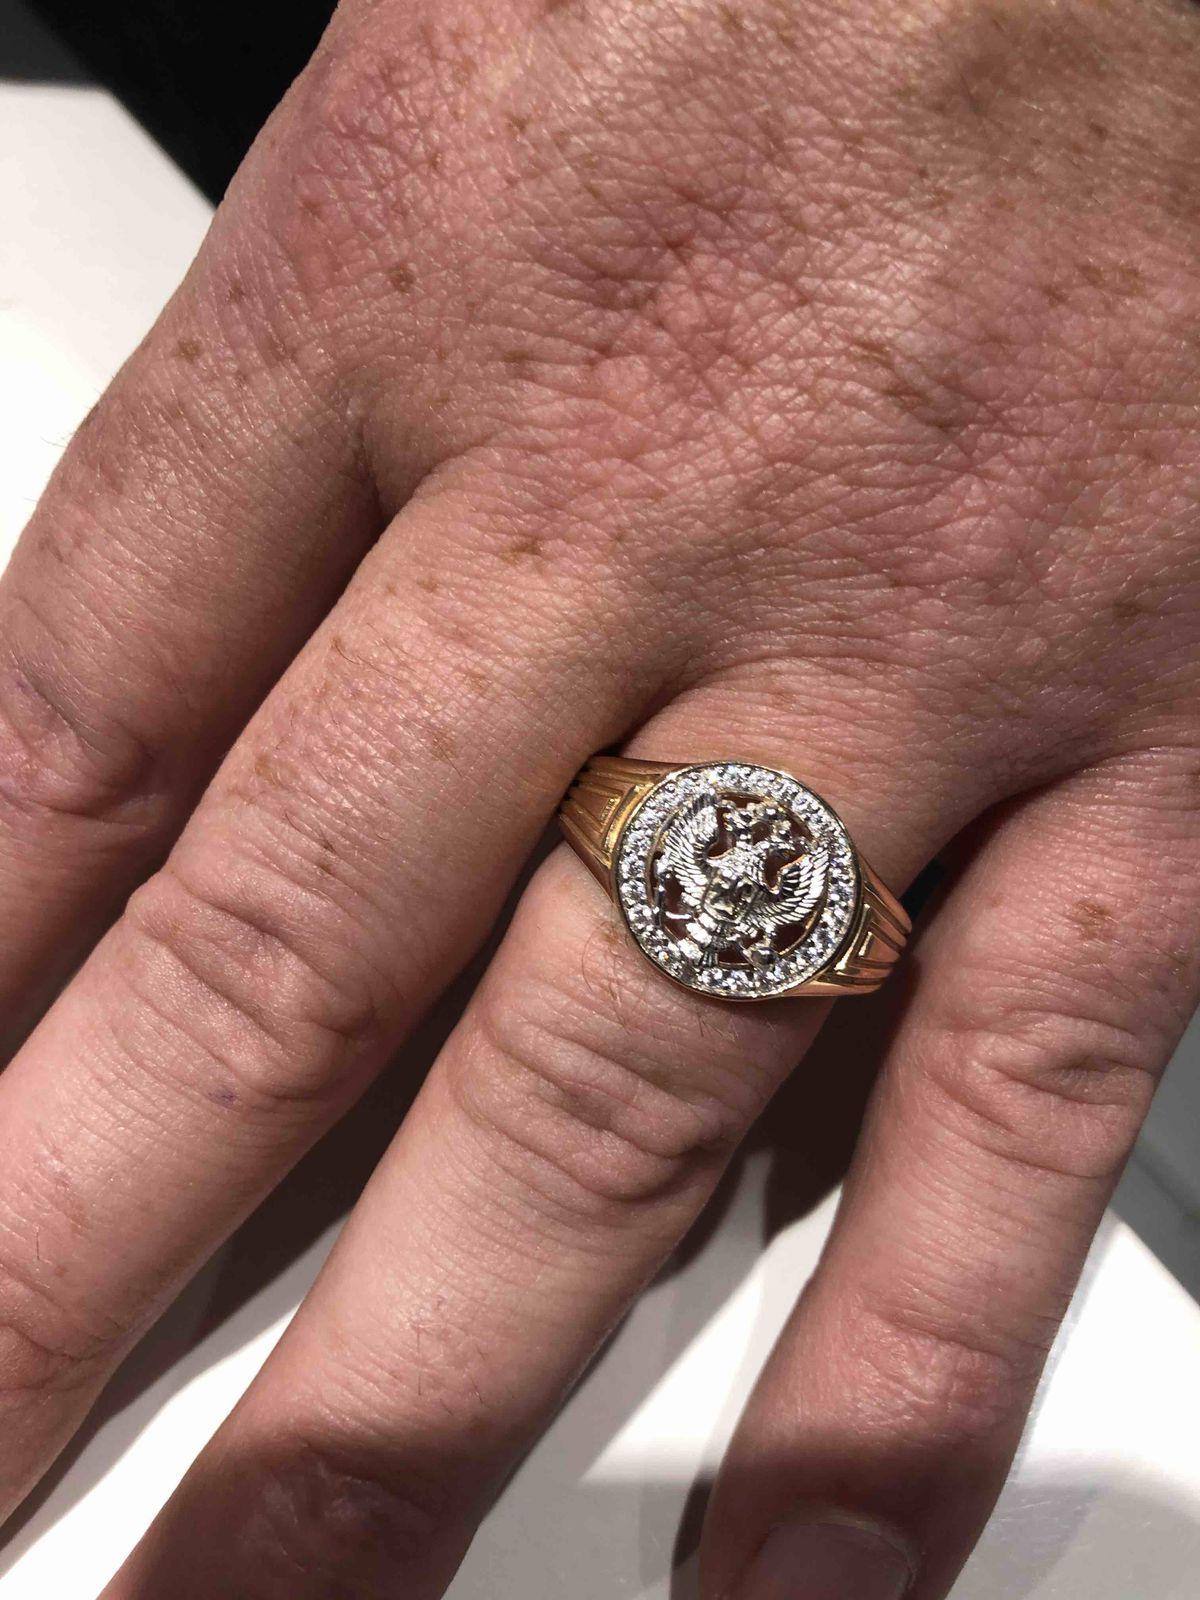 Перстень очень хорошо смотрится, не навящего и патриотично))